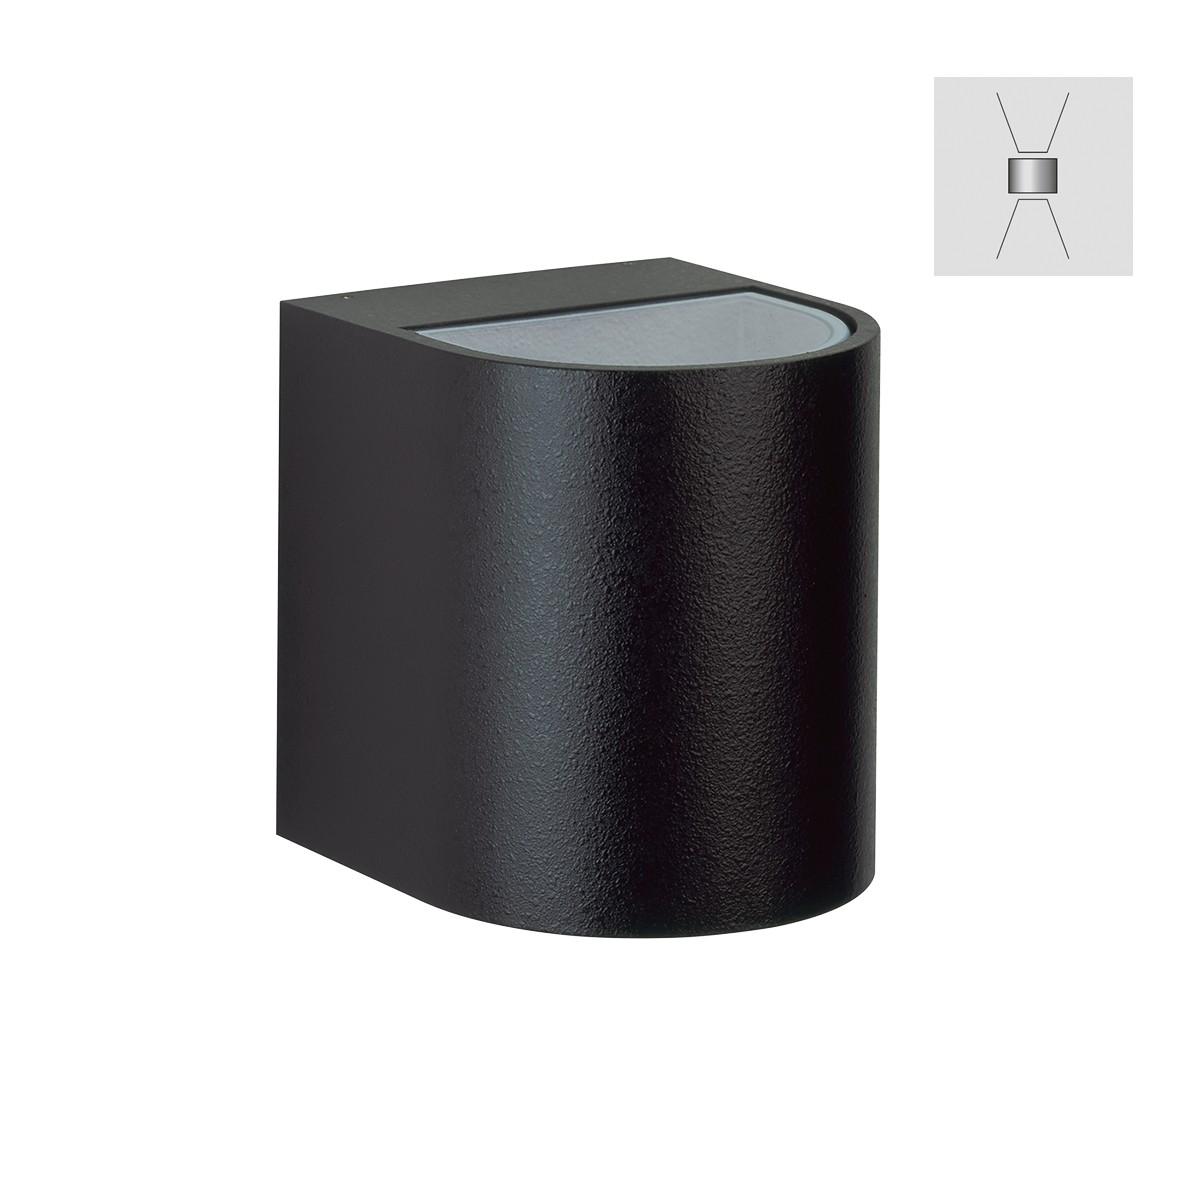 Albert 2402 Wandstrahler, breit/breit, schwarz